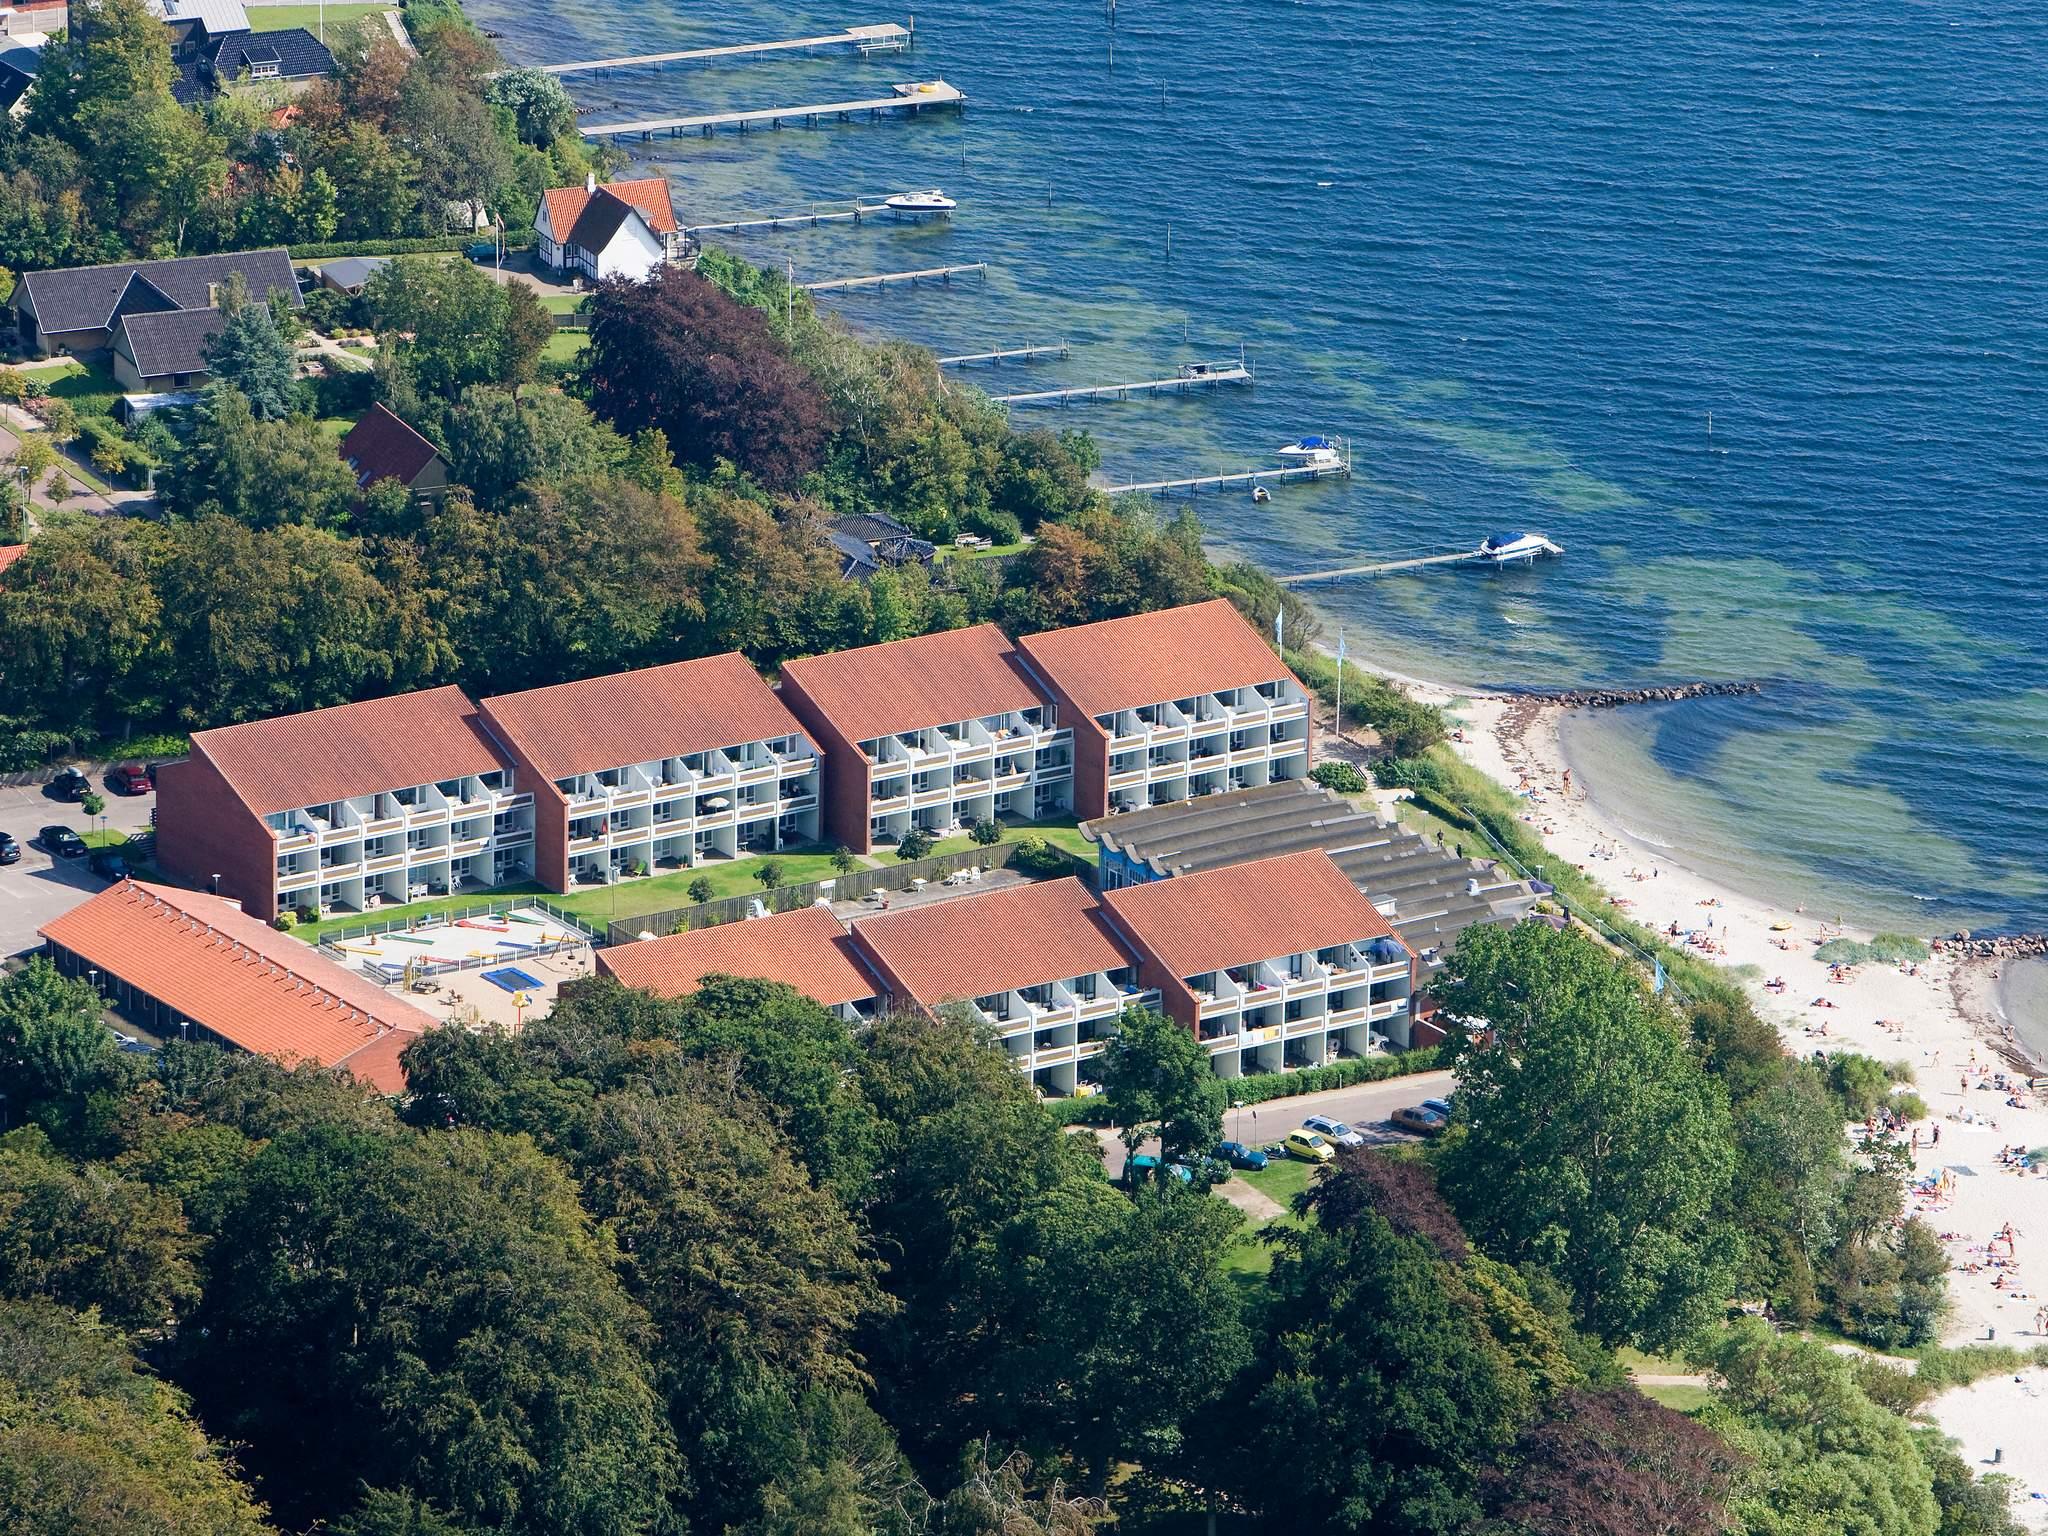 Appartement de vacances Fåborg - Typ 5 - 2 Zimmer,Erdg./1. Stock (1087166), Faaborg, , Fionie, Danemark, image 24